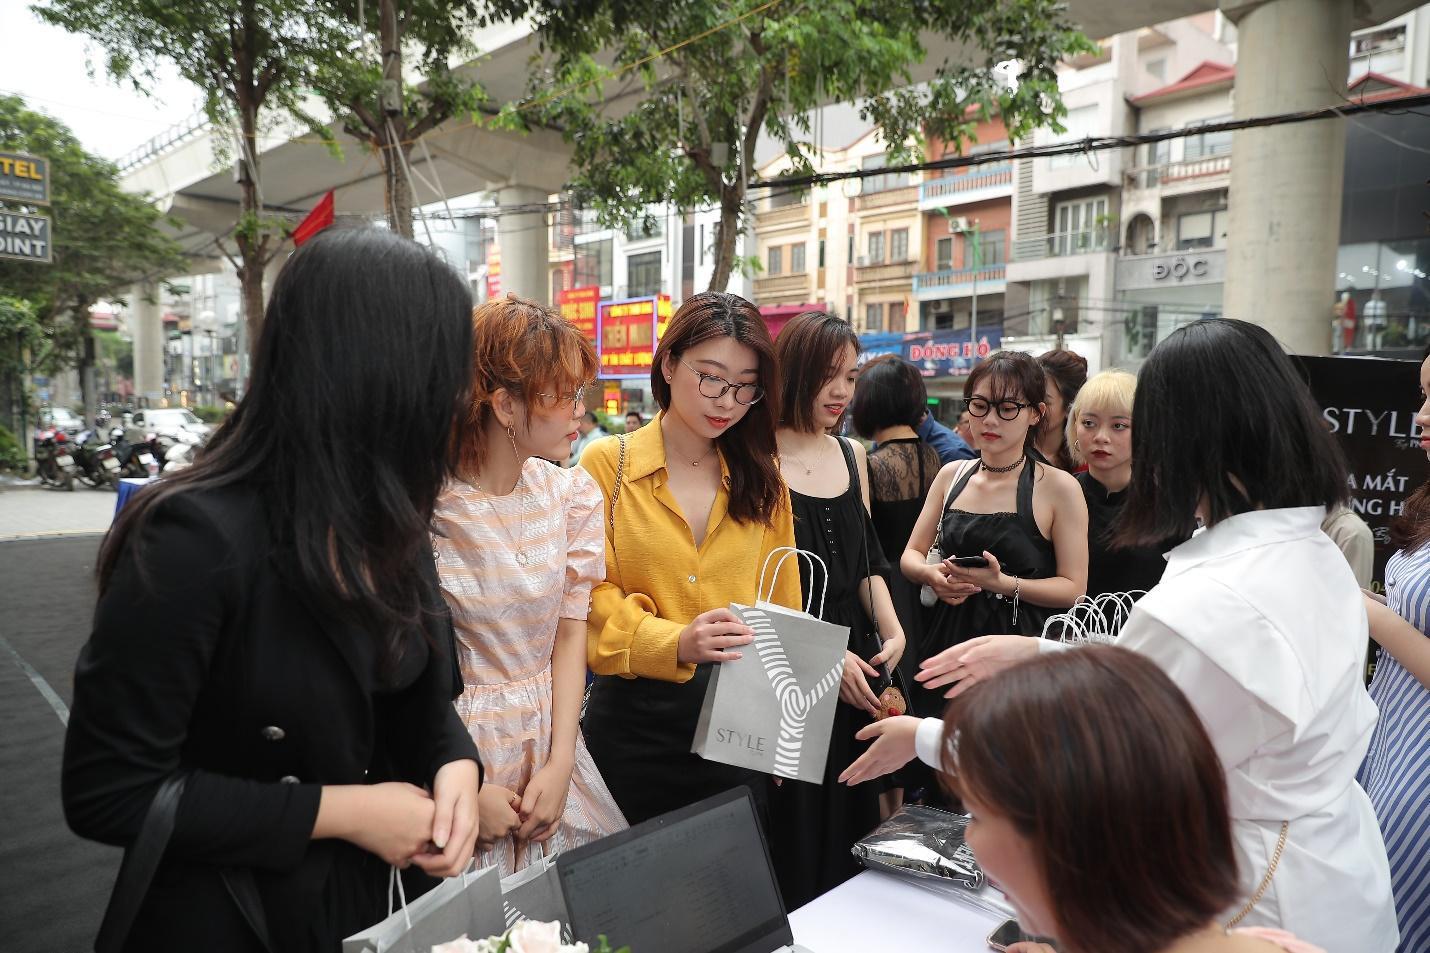 Chuyện gì đây? Giới trẻ Hà thành đồng loạt check-in STYLE by PNJ tại Hà Nội - Ảnh 2.